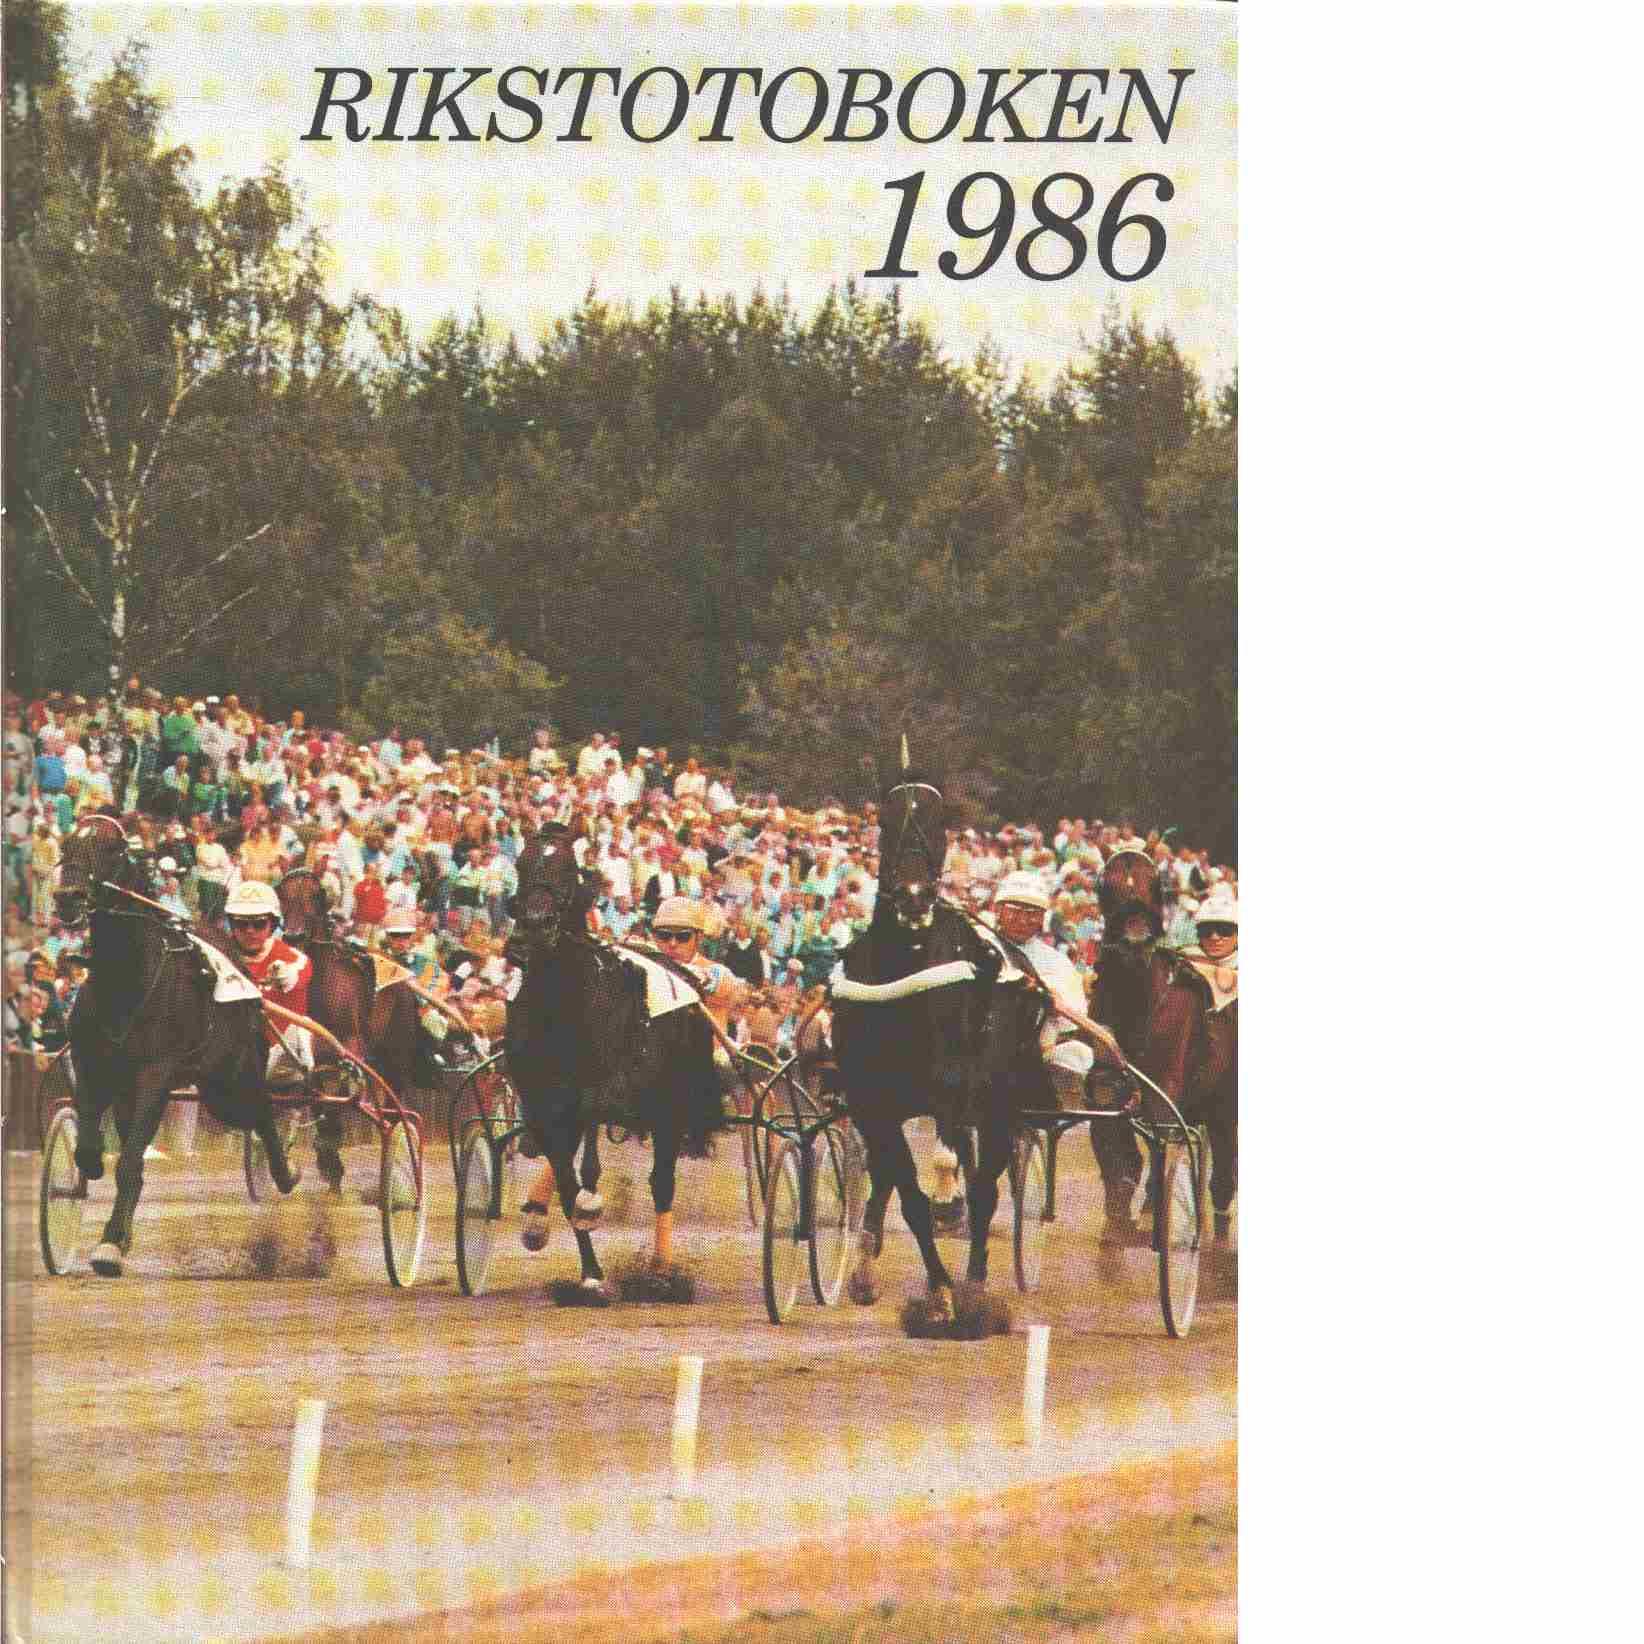 Rikstotoboken. 1986 - Red. Ängermark, Lars och Ljungek, Elis